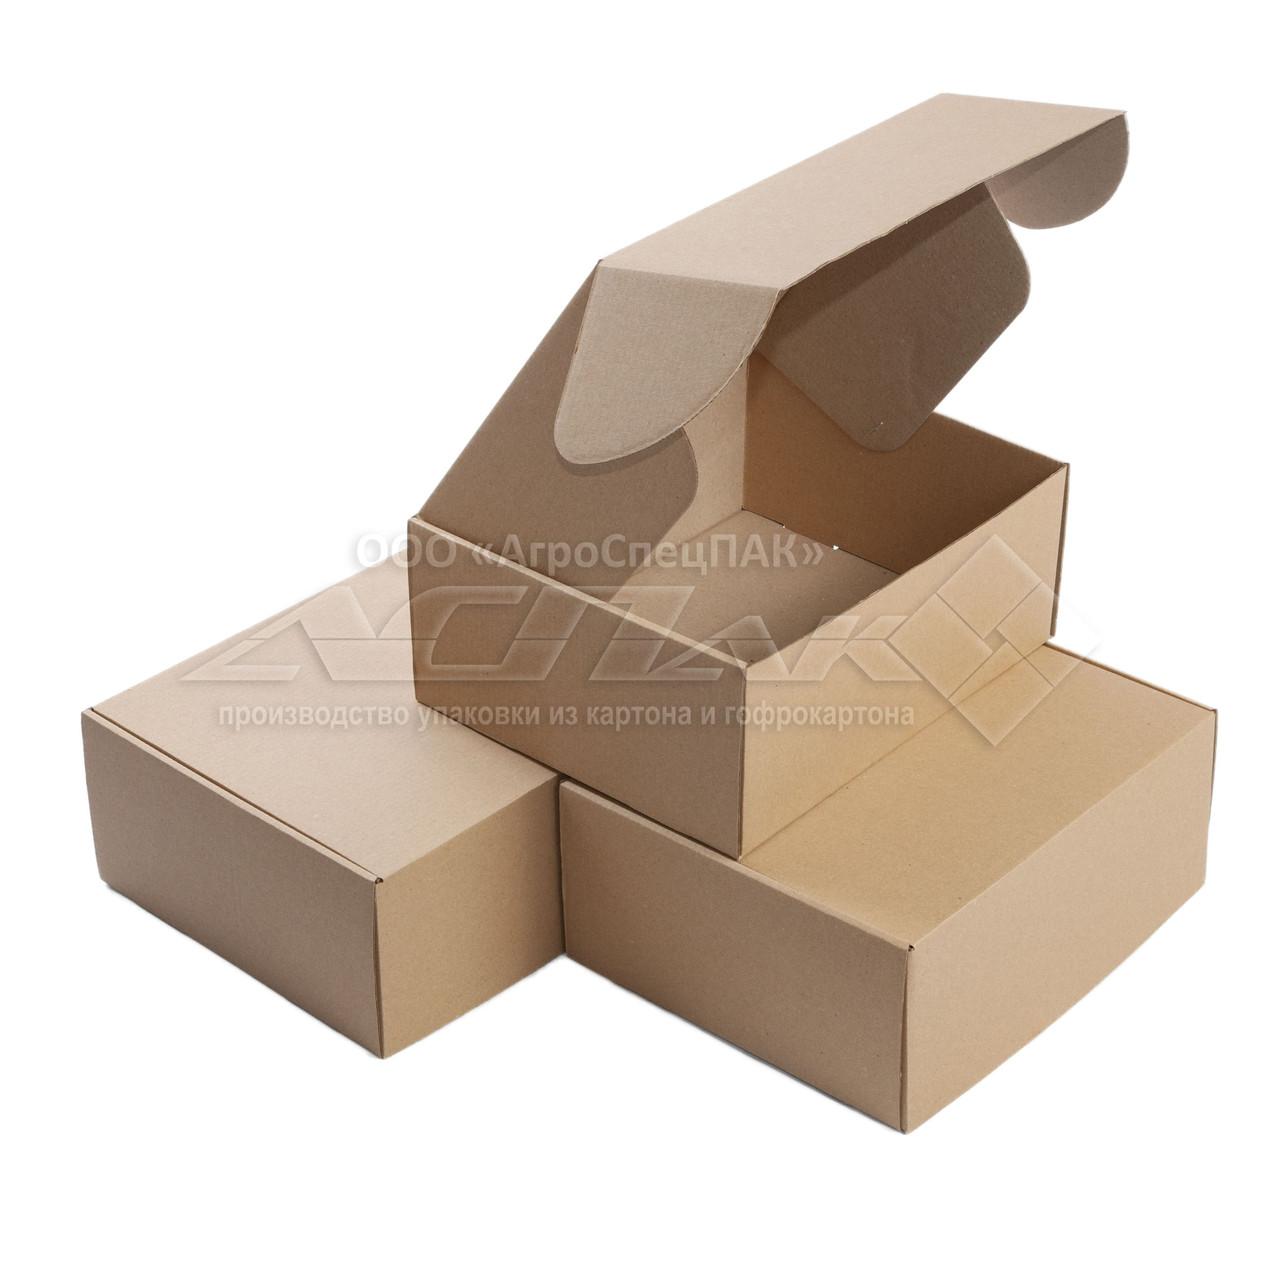 Самосборные коробки 270*220*110 бурые